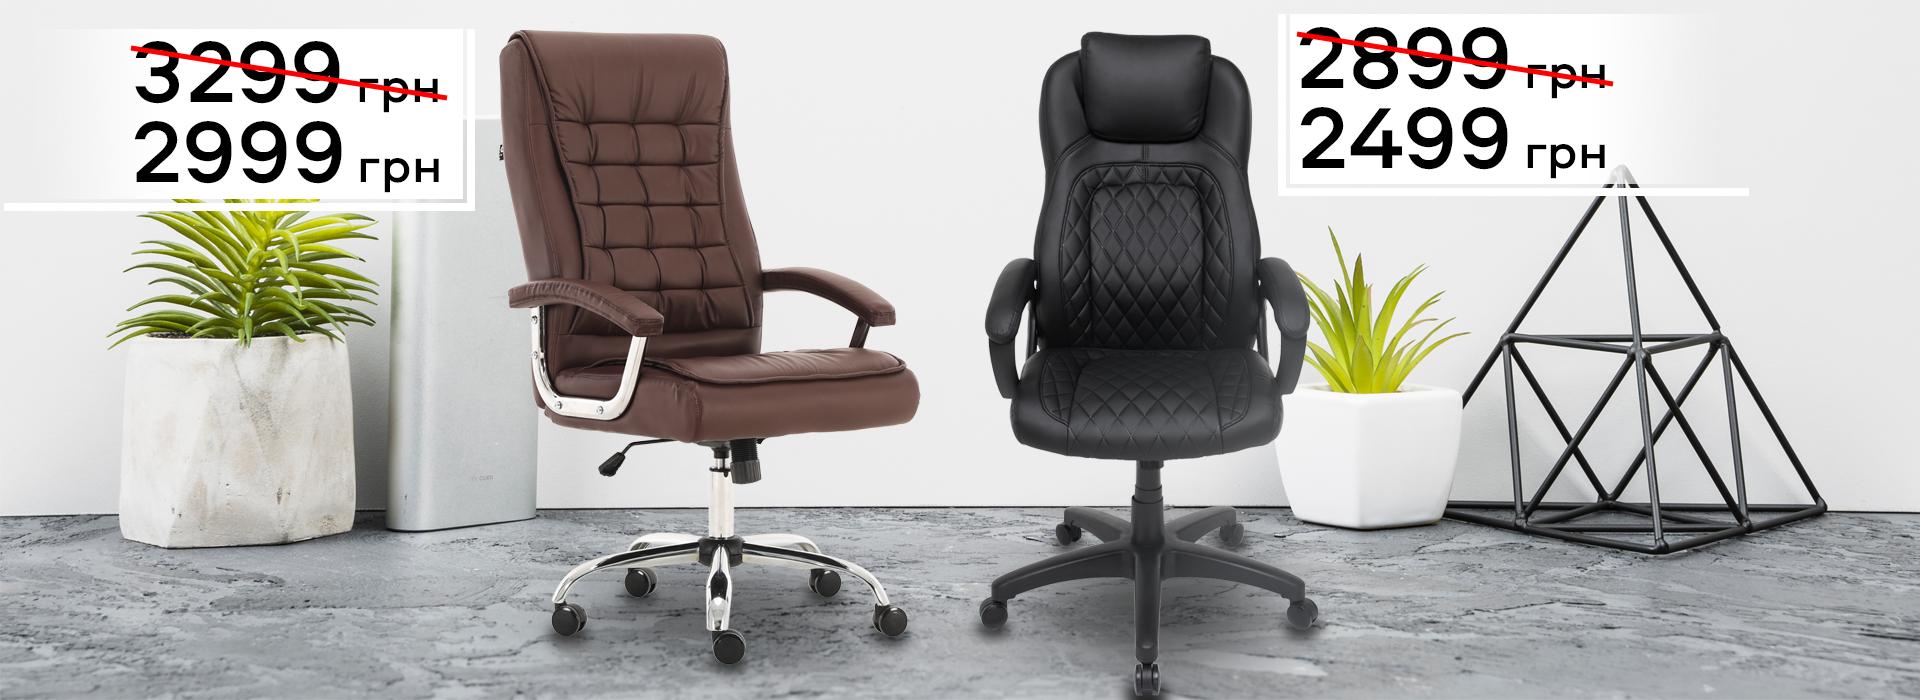 Знижки на офісні крісла GT Racer X-2972 та GT Racer X-2973!